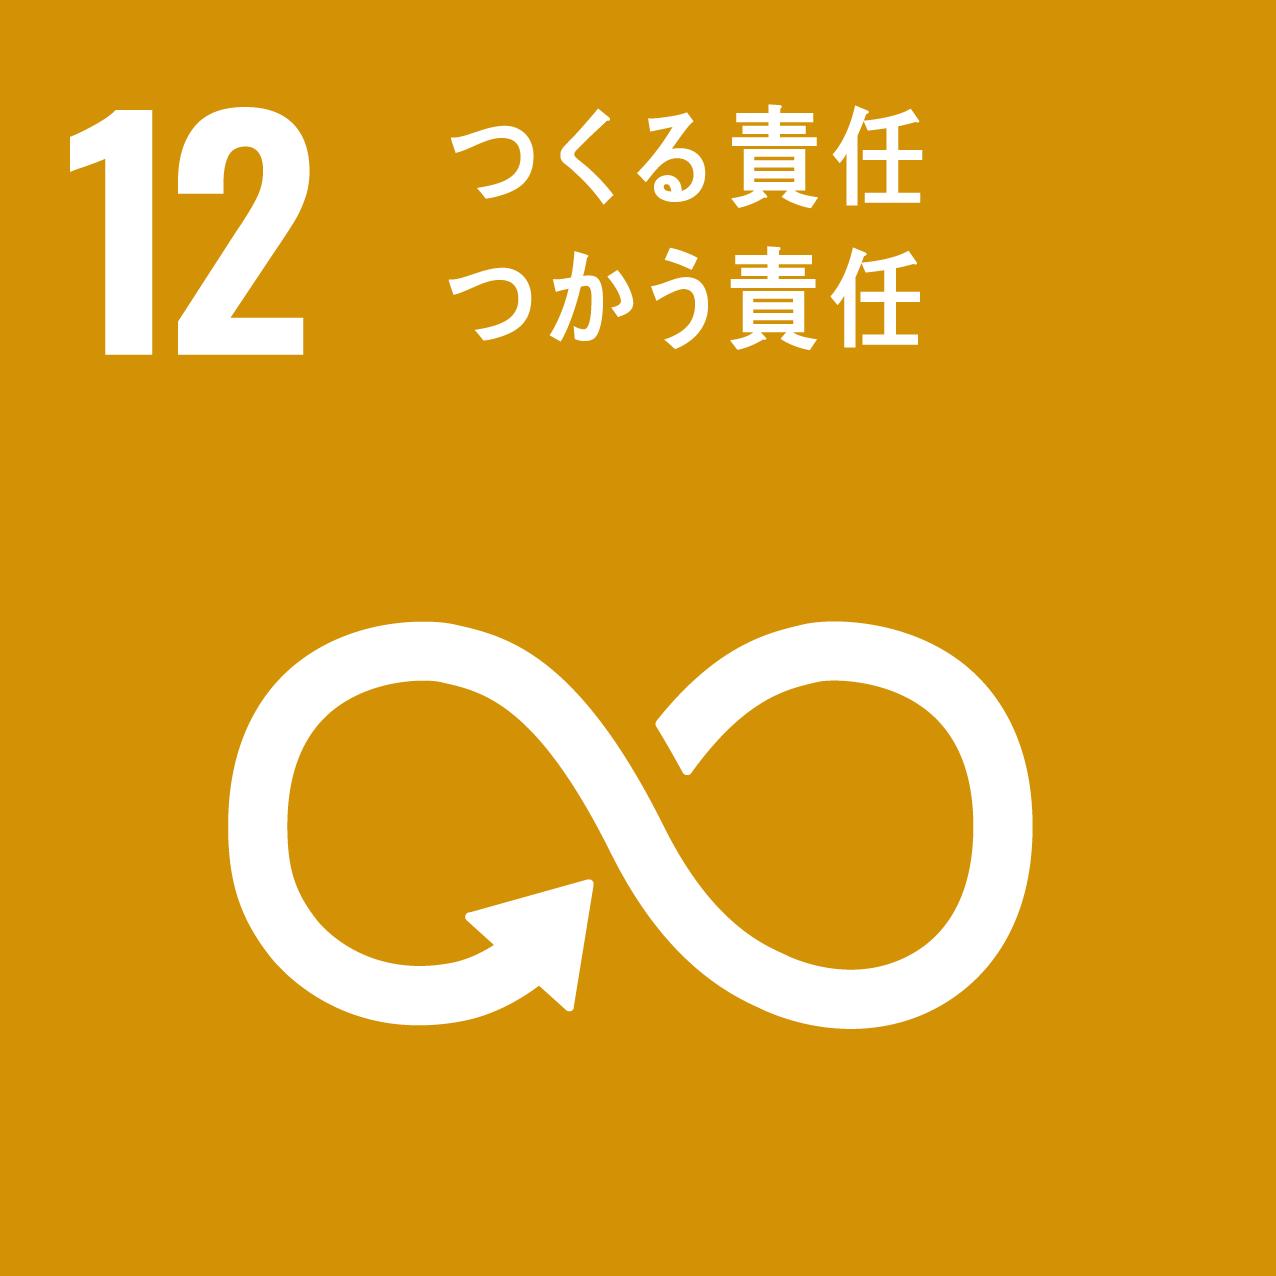 SDGs作る責任、使う責任